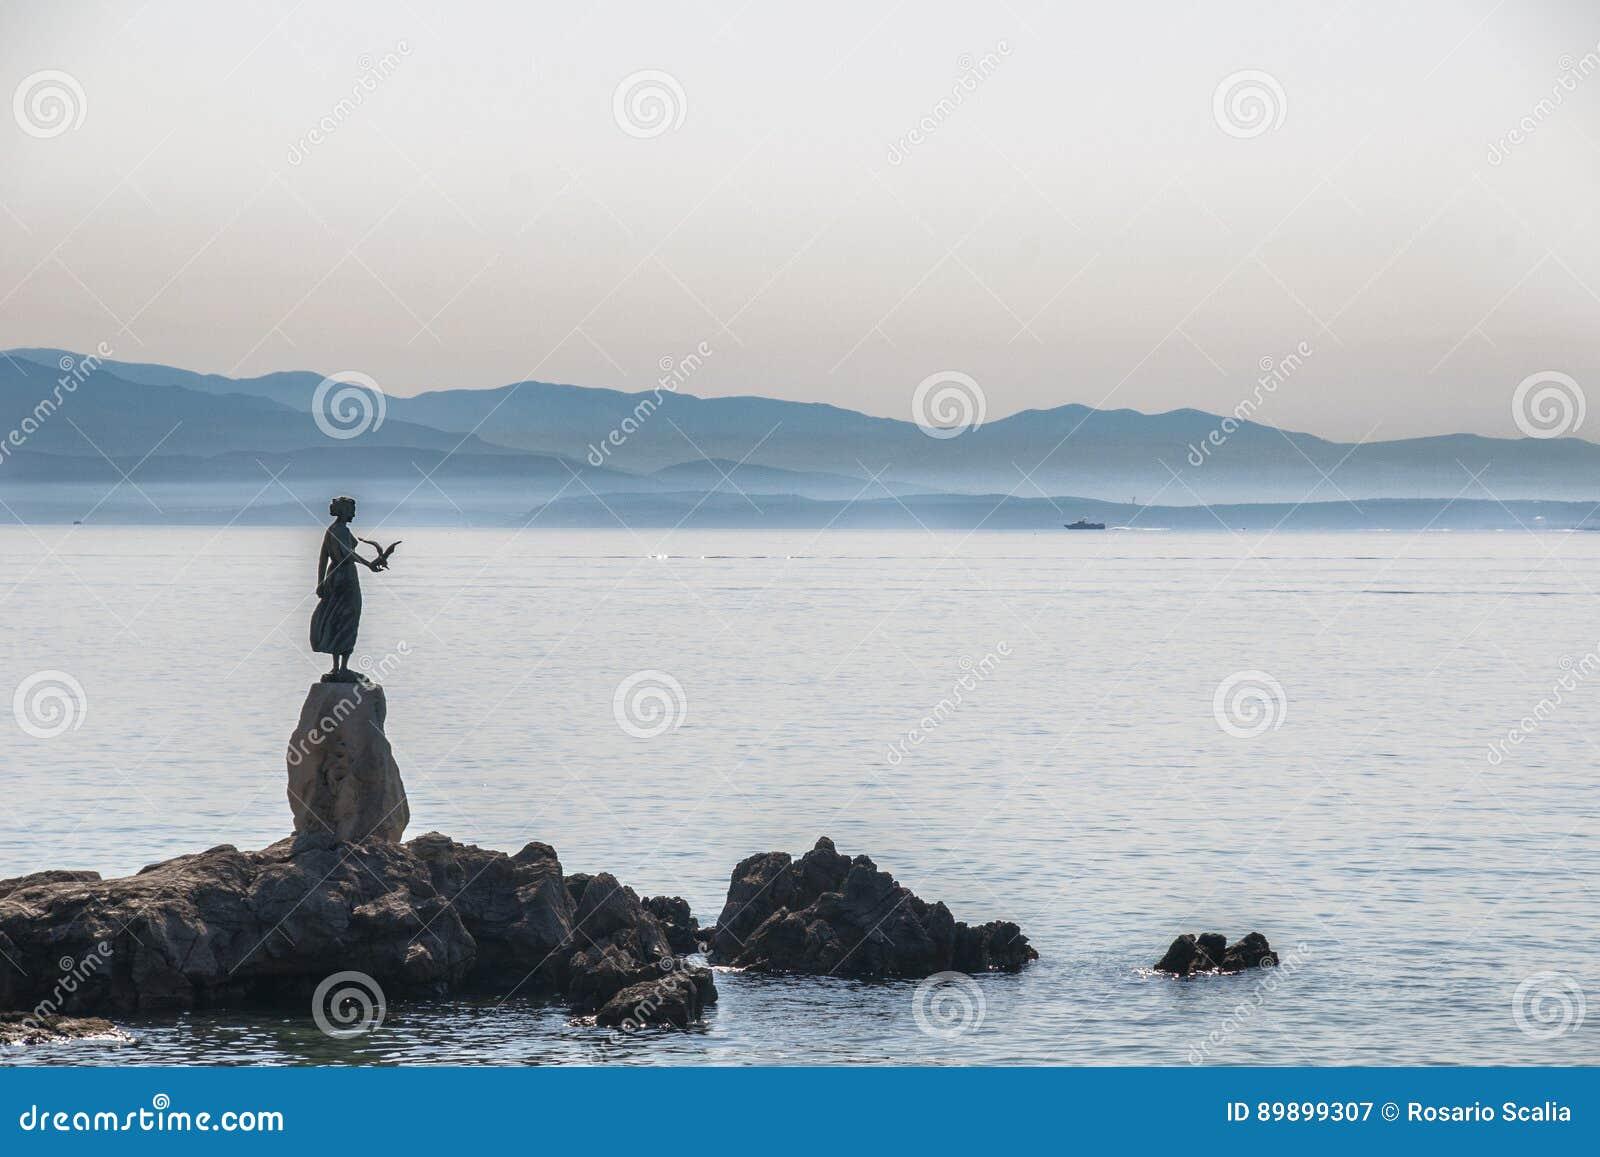 Croatia Opatija the girl with the seagull